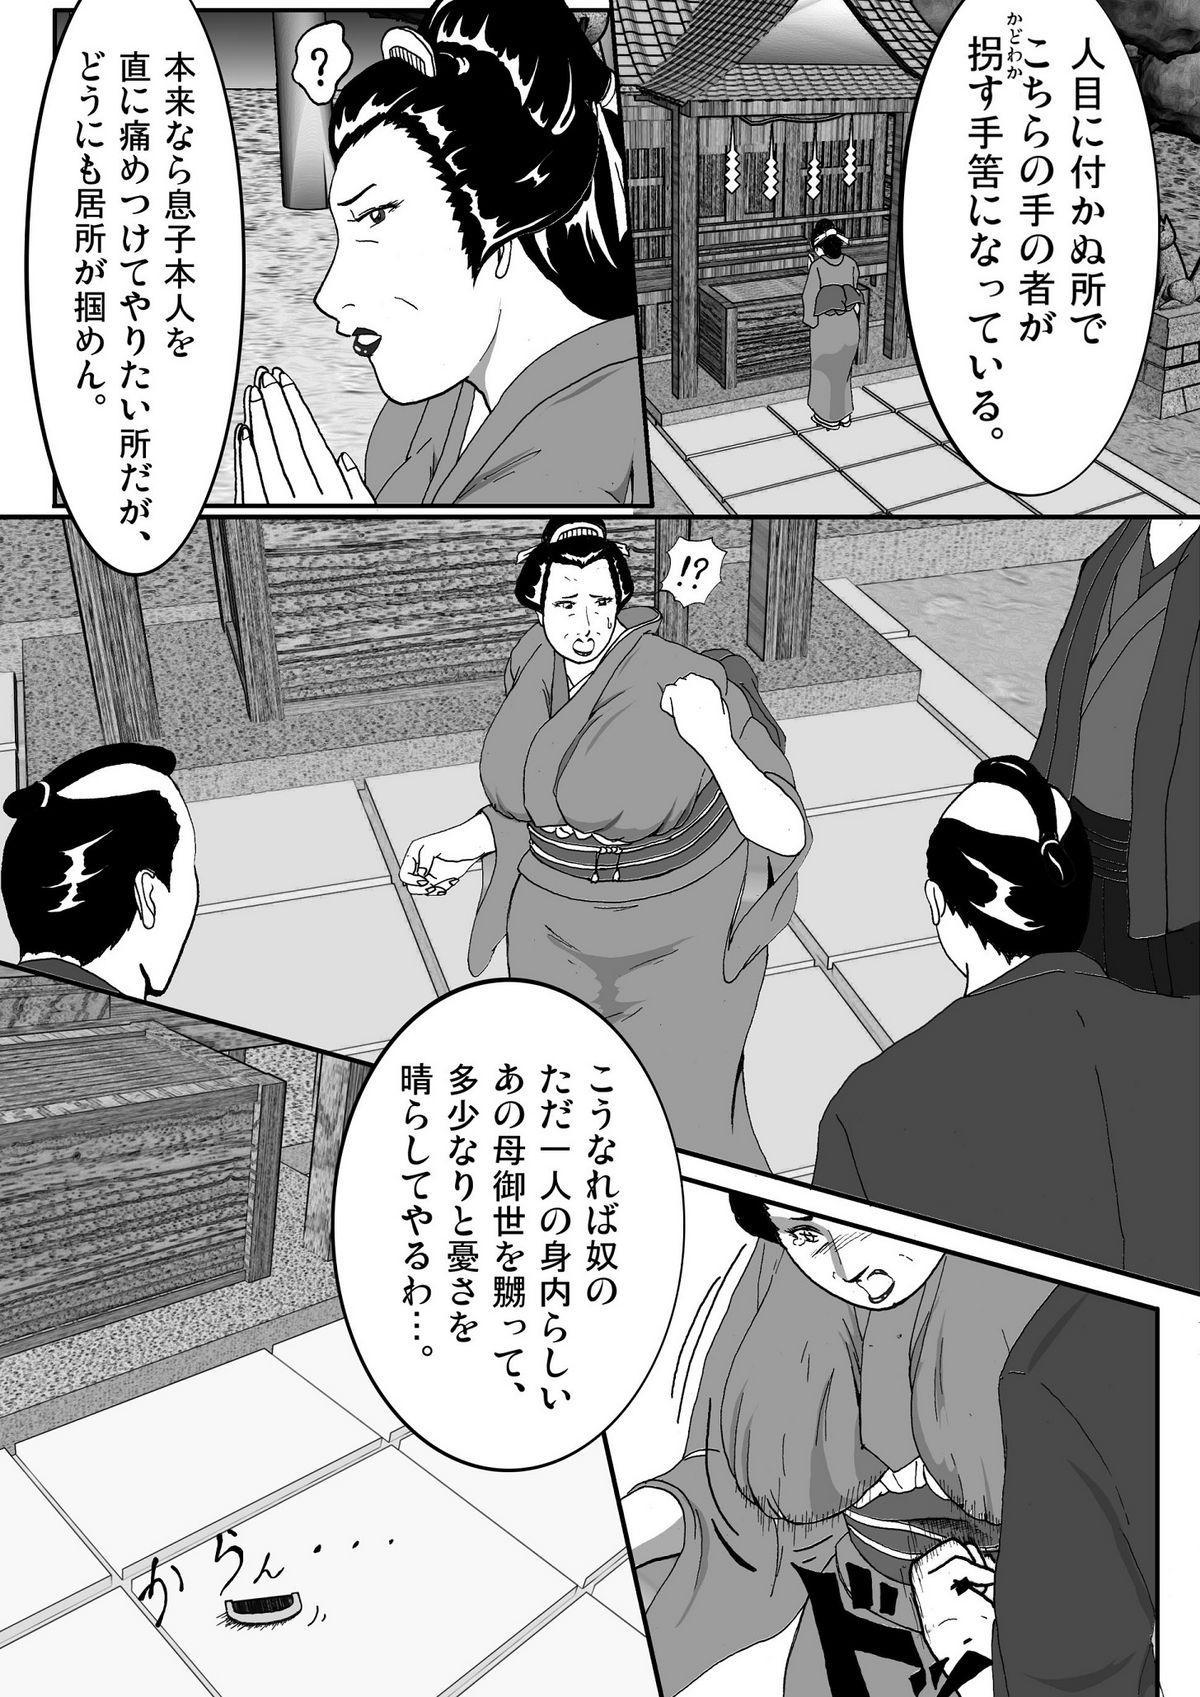 Toriko Naka Joku Hana 6